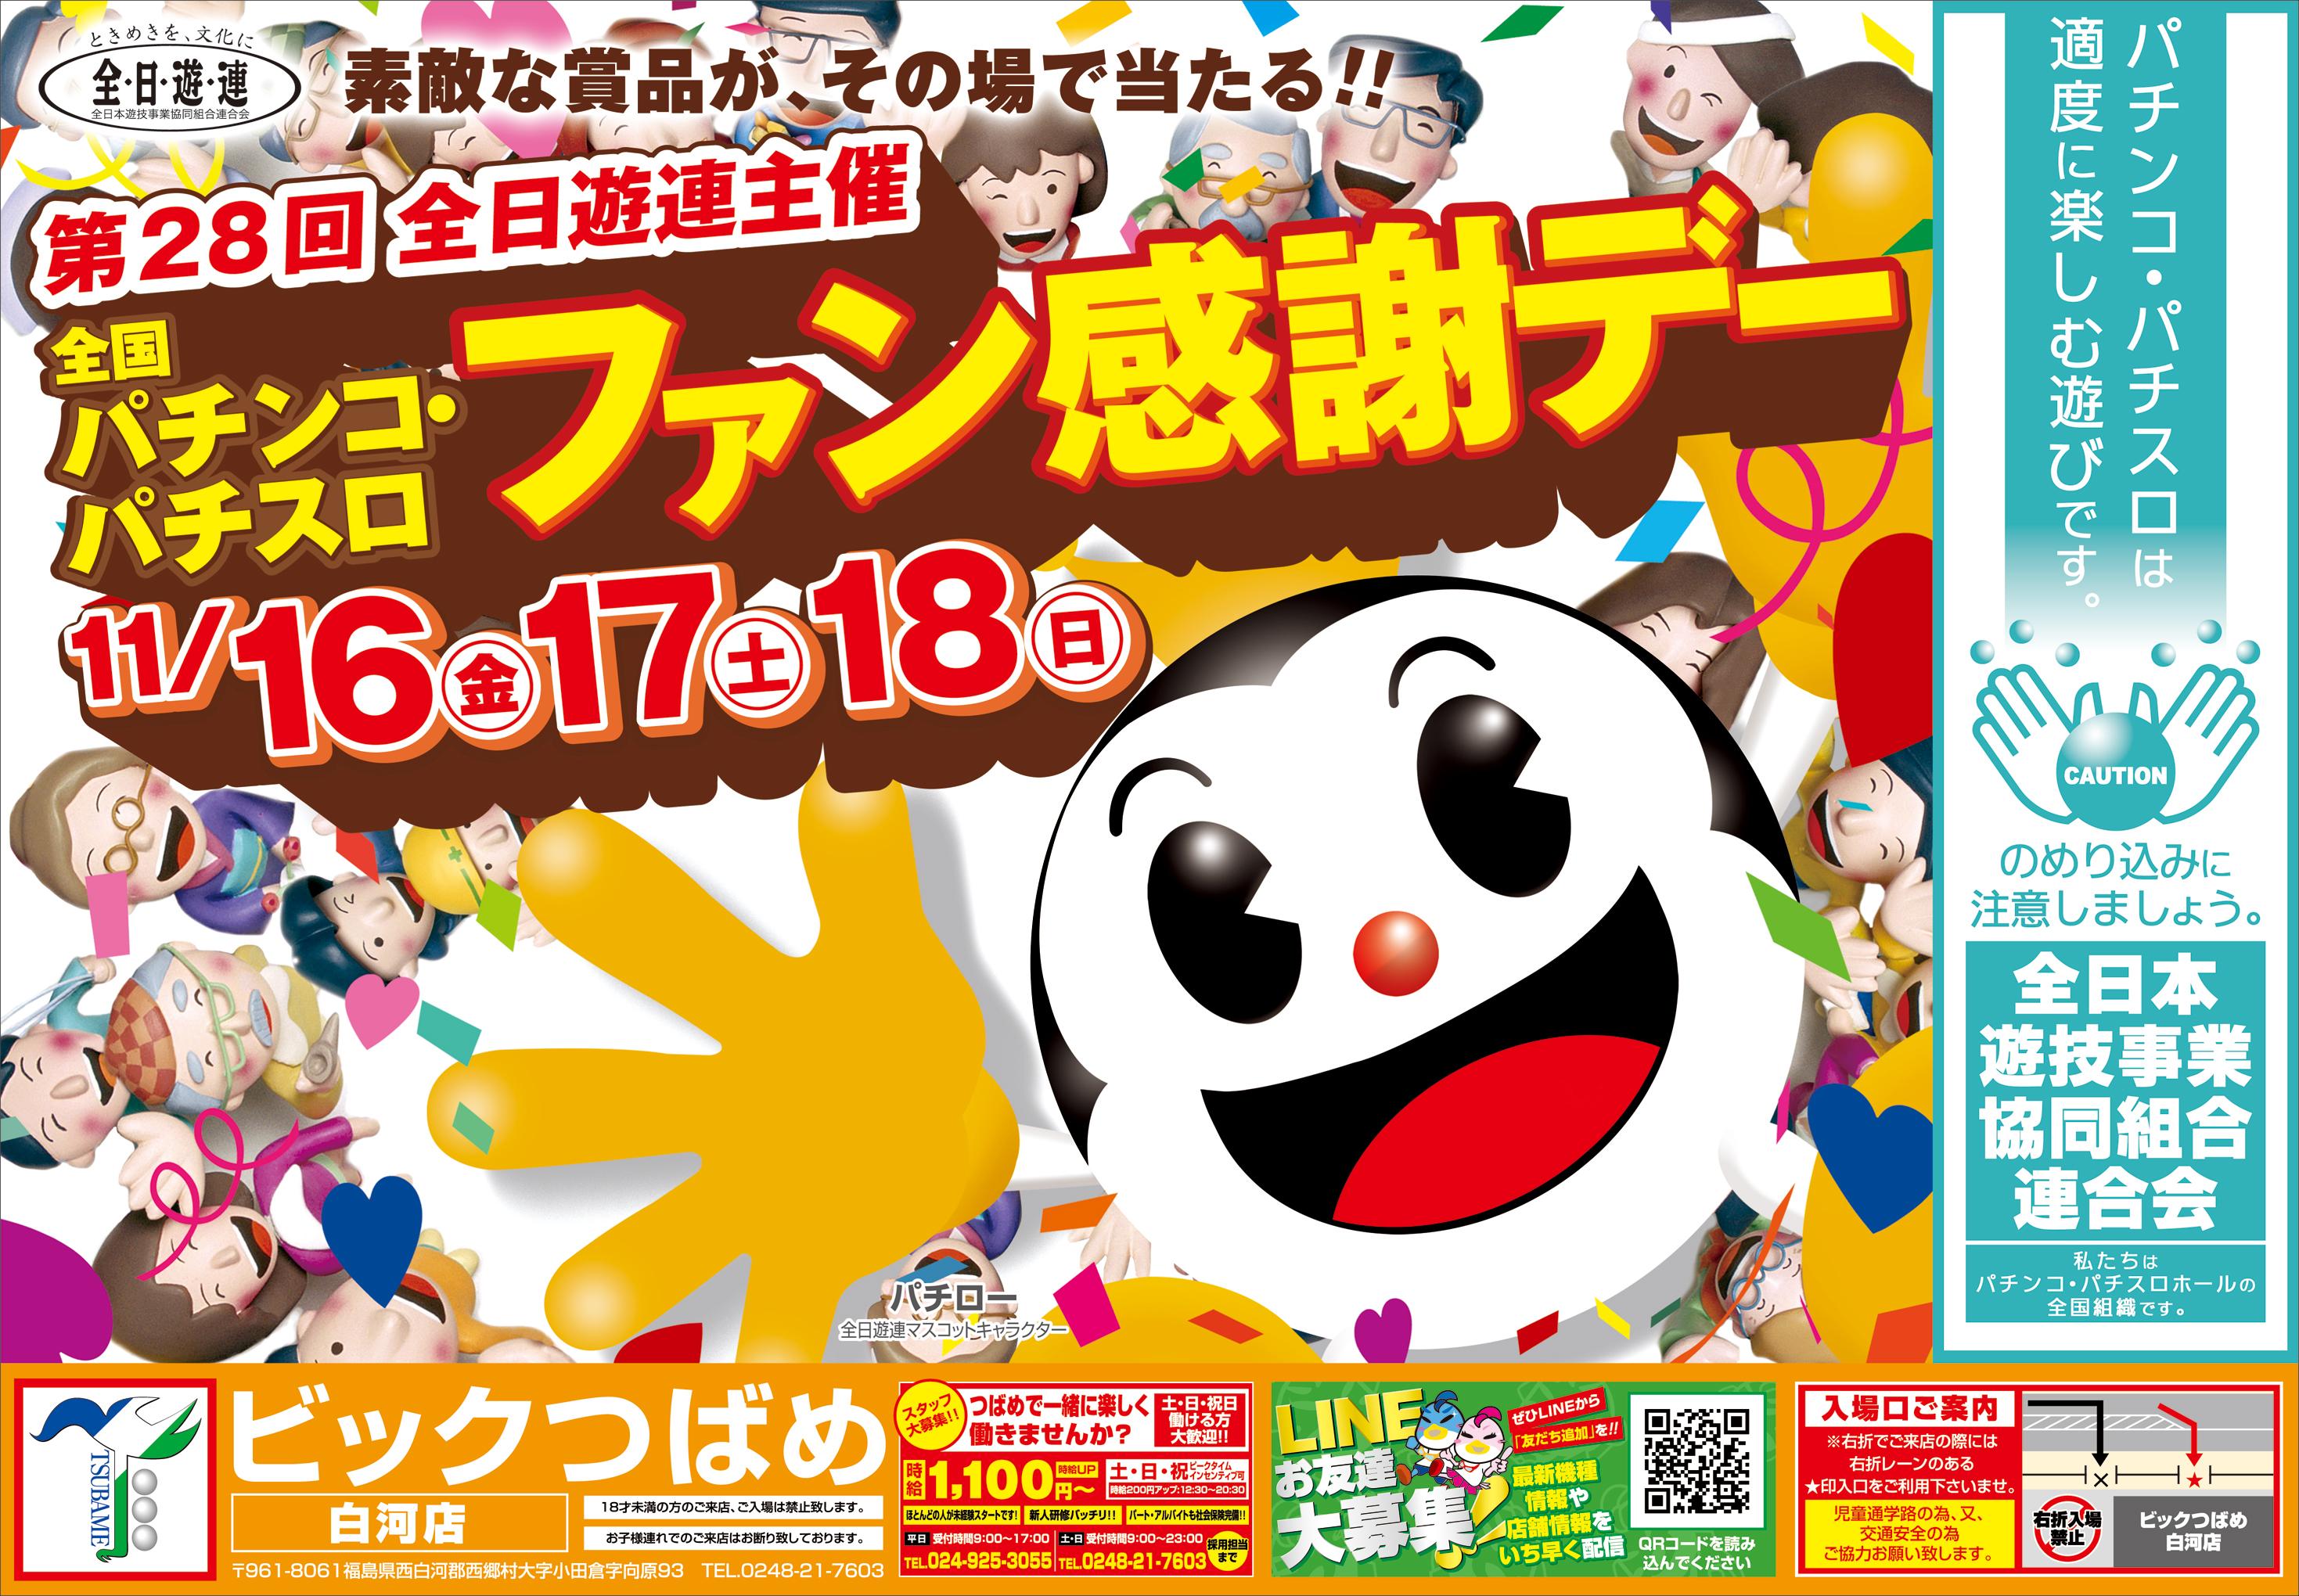 shirakawa_181116.jpg